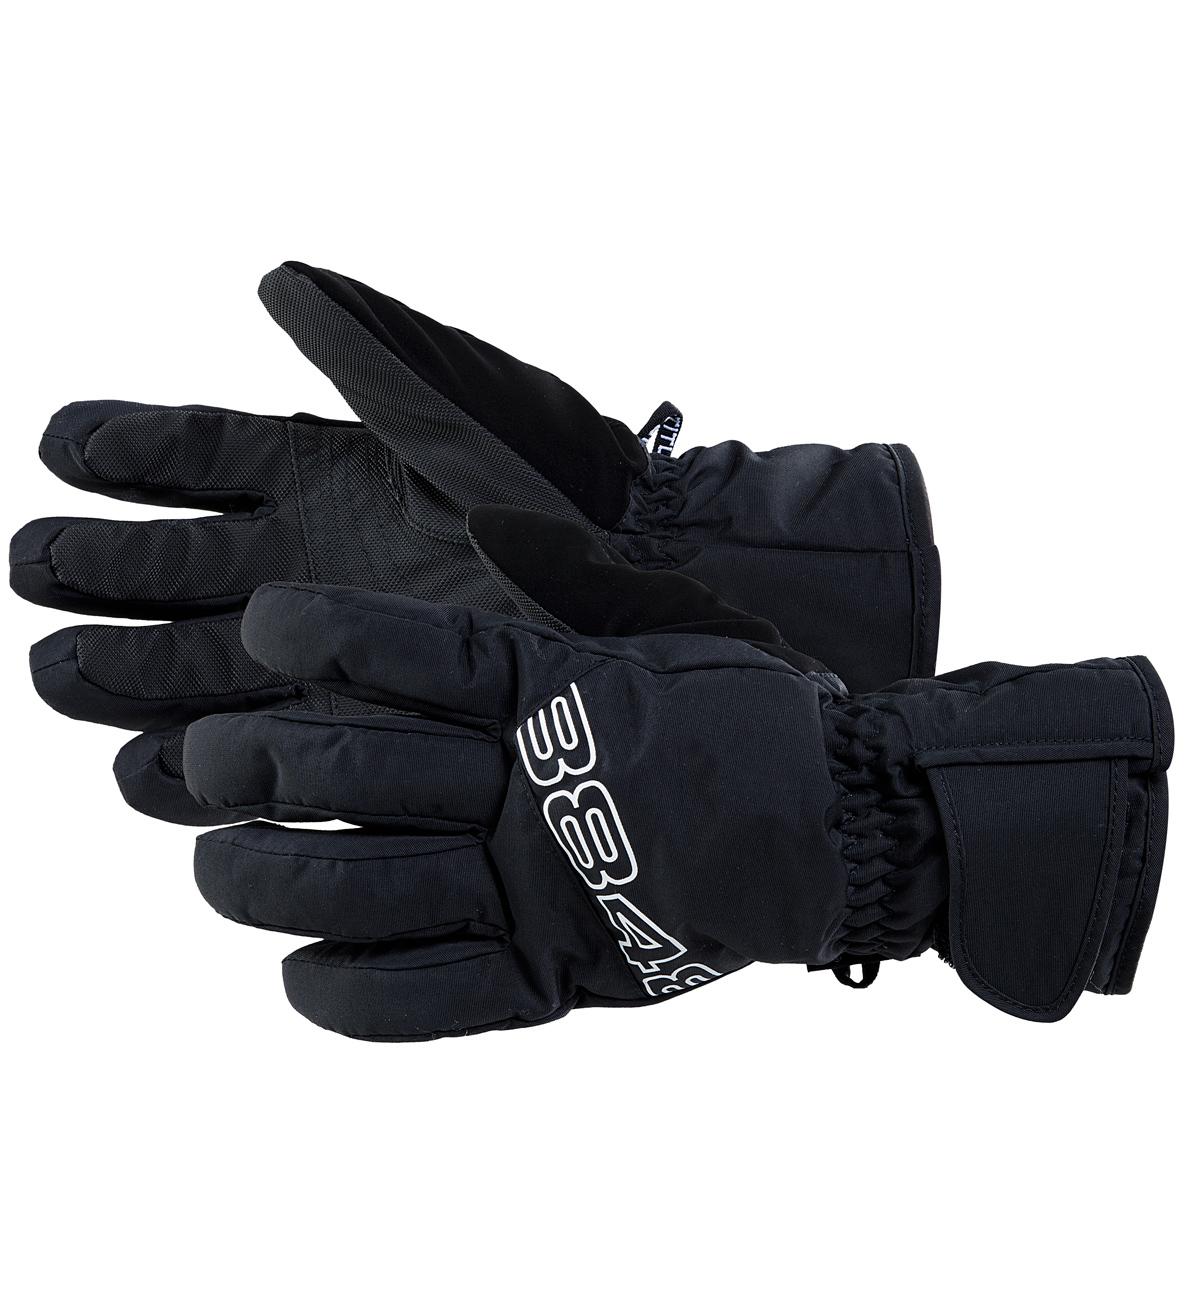 Перчатки 8848 Altitude Costa Senior мужские Black